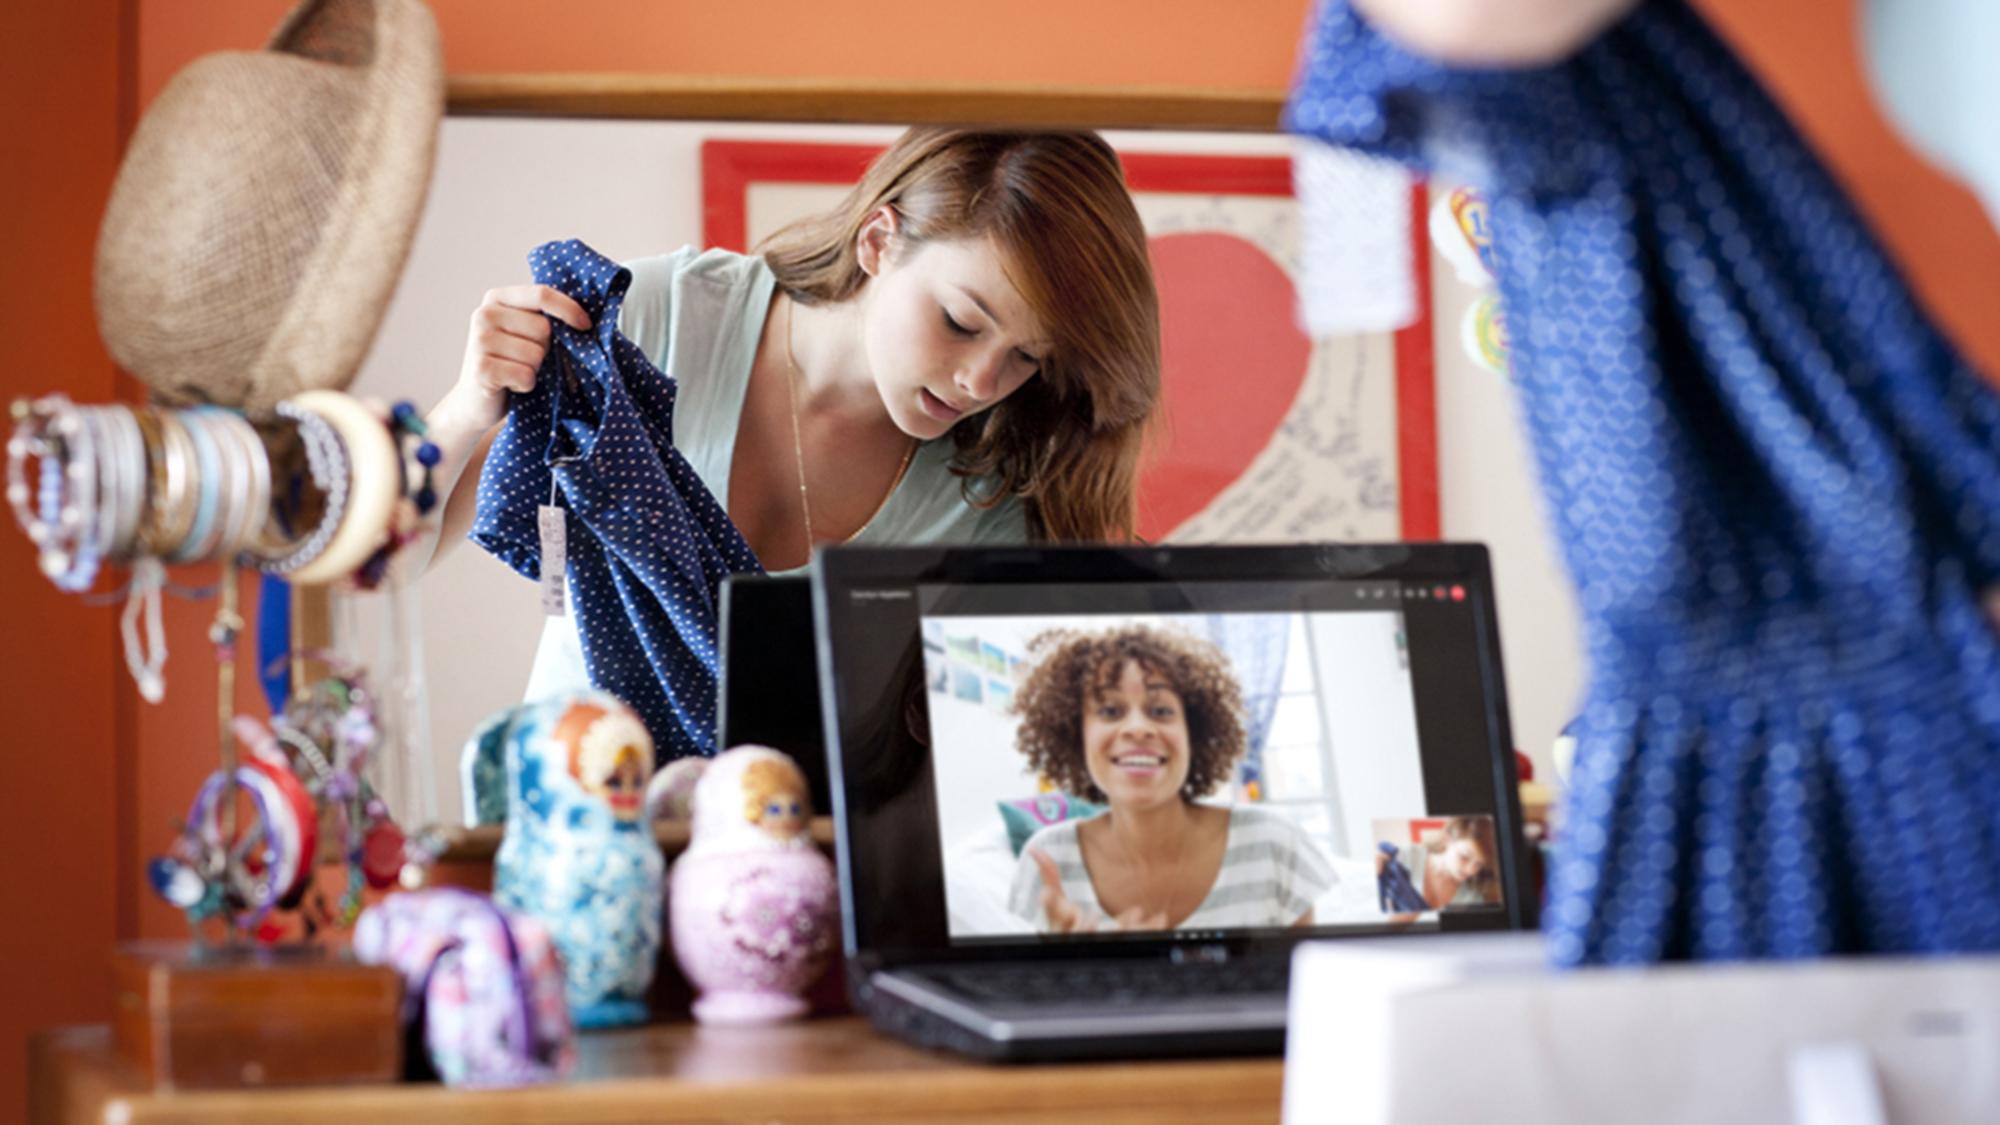 Windows 11 looks like Skype's last stand